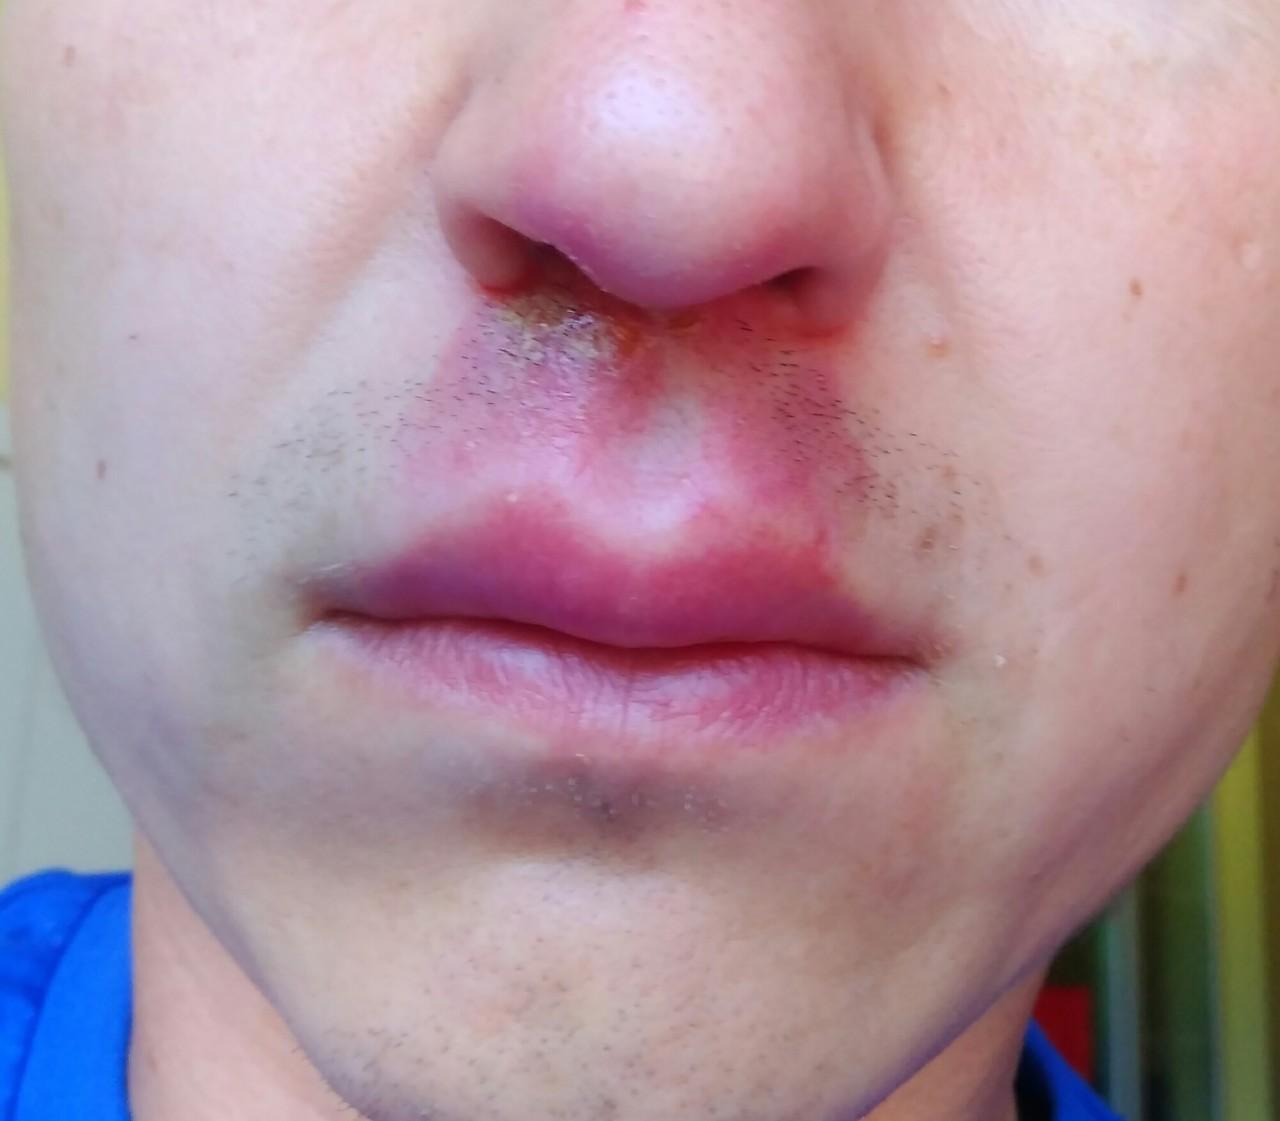 Диагностика и лечение эпидермального стафилококка. норма в мазке у женщин, мужчин. детский epidermidis staphylococcus